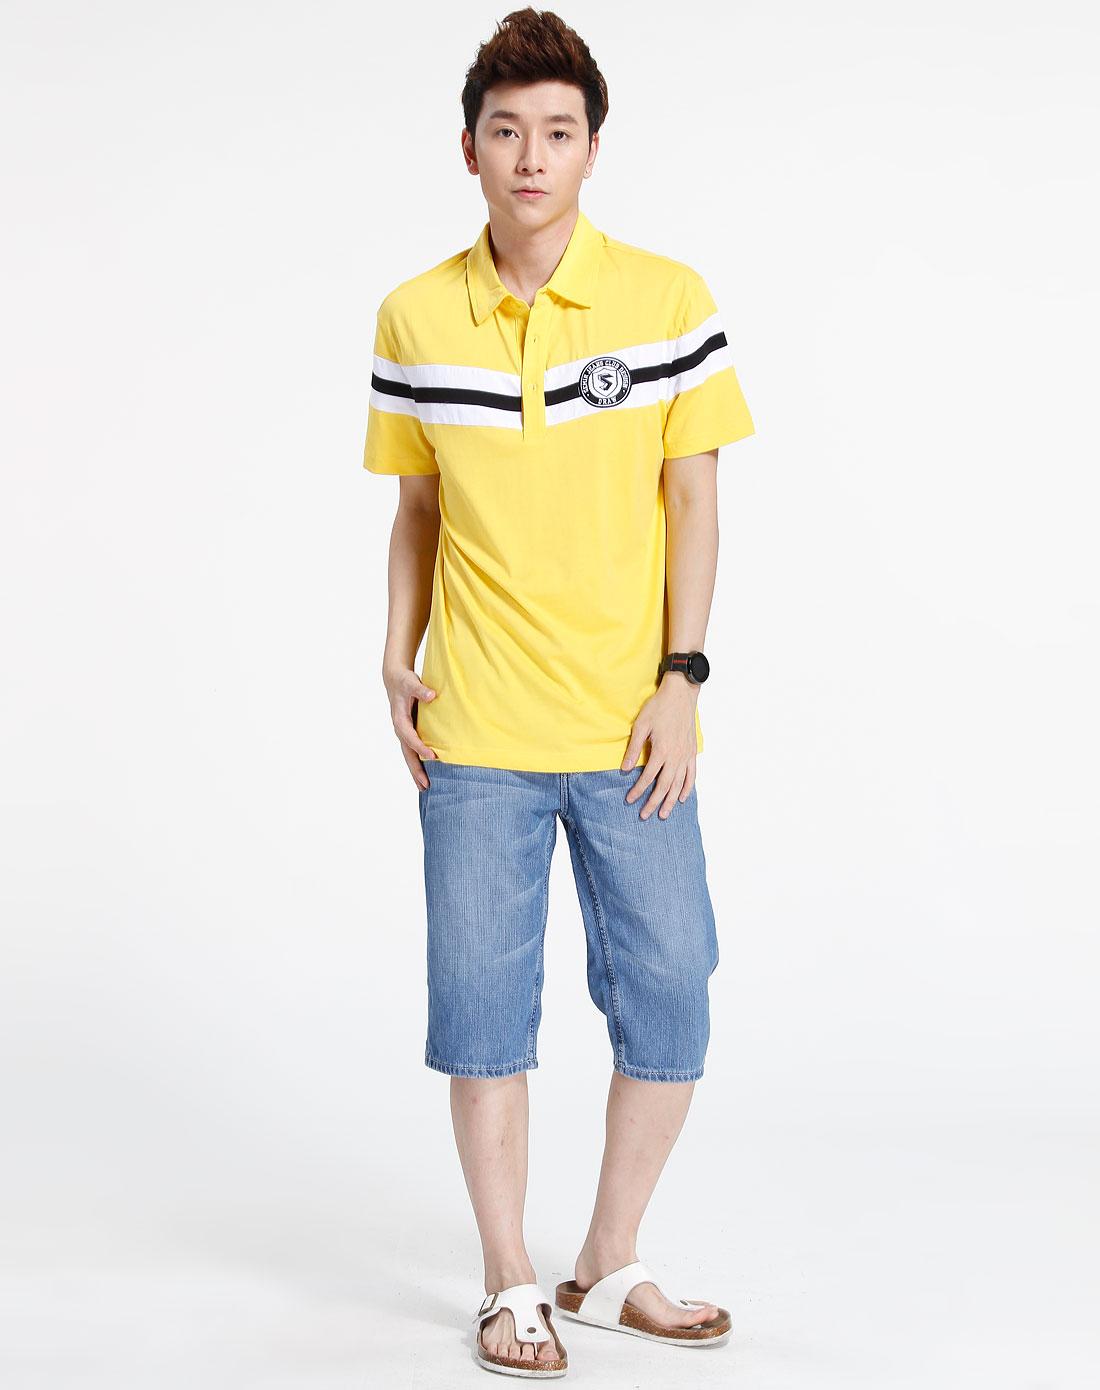 森马-男装黄色时尚翻领短袖t恤002151106-360图片